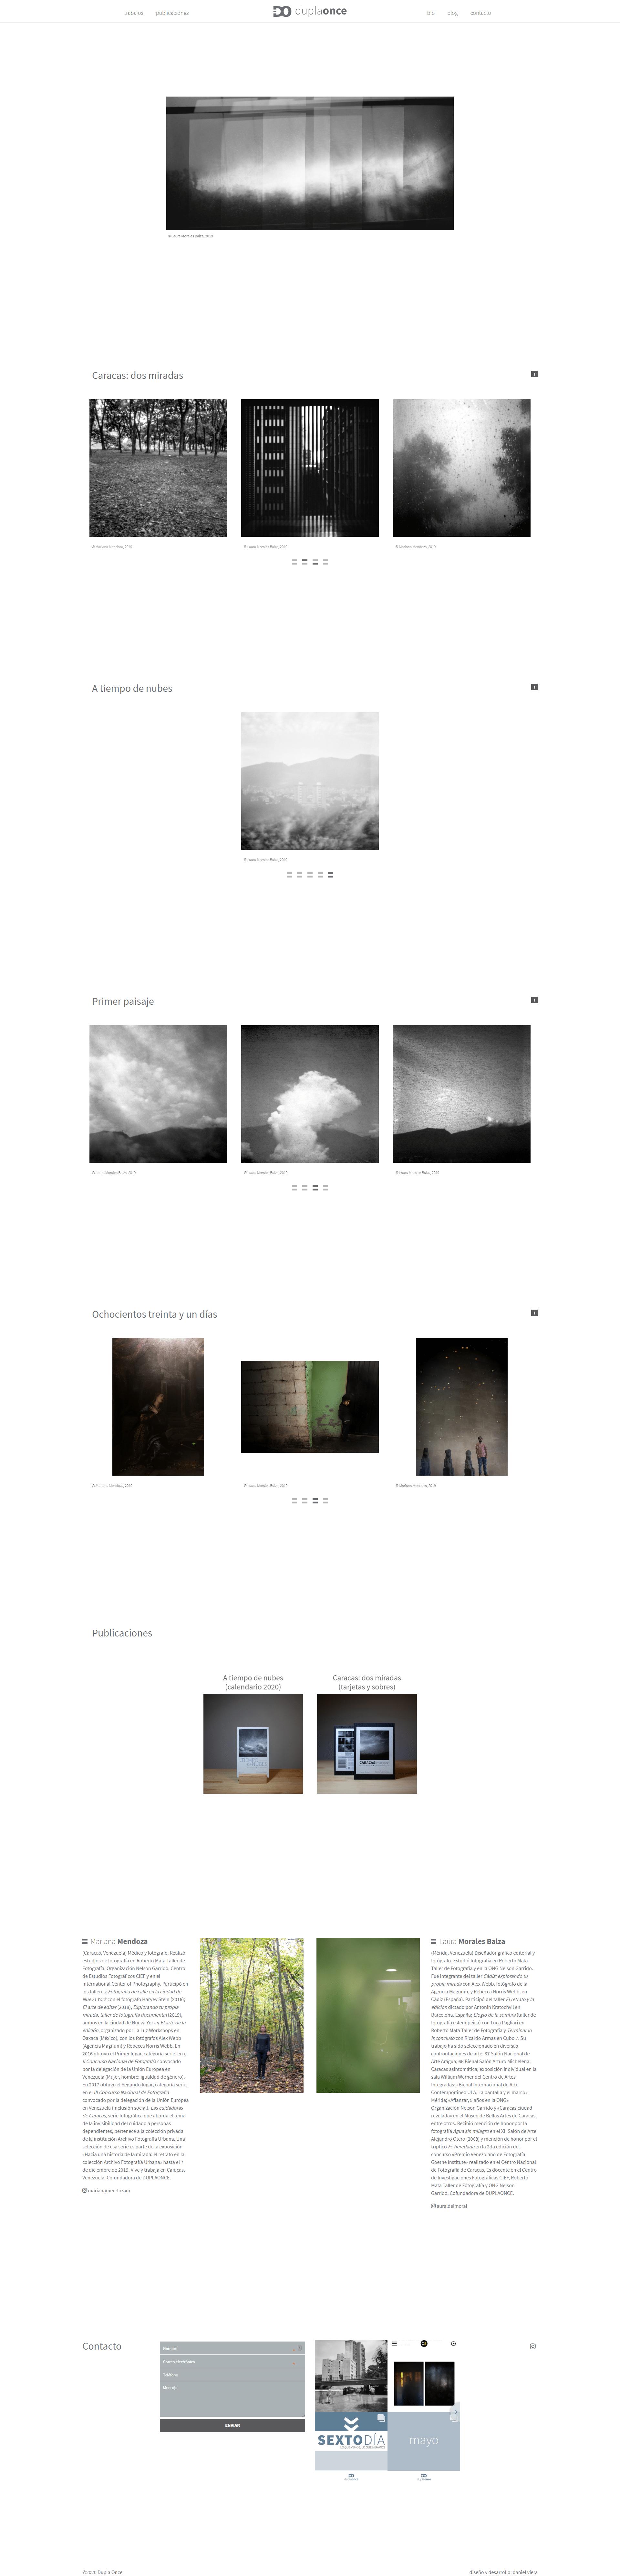 Duplaonce | Nuevo sitio web para una dupla de artistas que hacen fotografía estenopéica. Realizado en WordPress con bootstrap 4 y sass. Responsive, con scroll infinito y mansory.